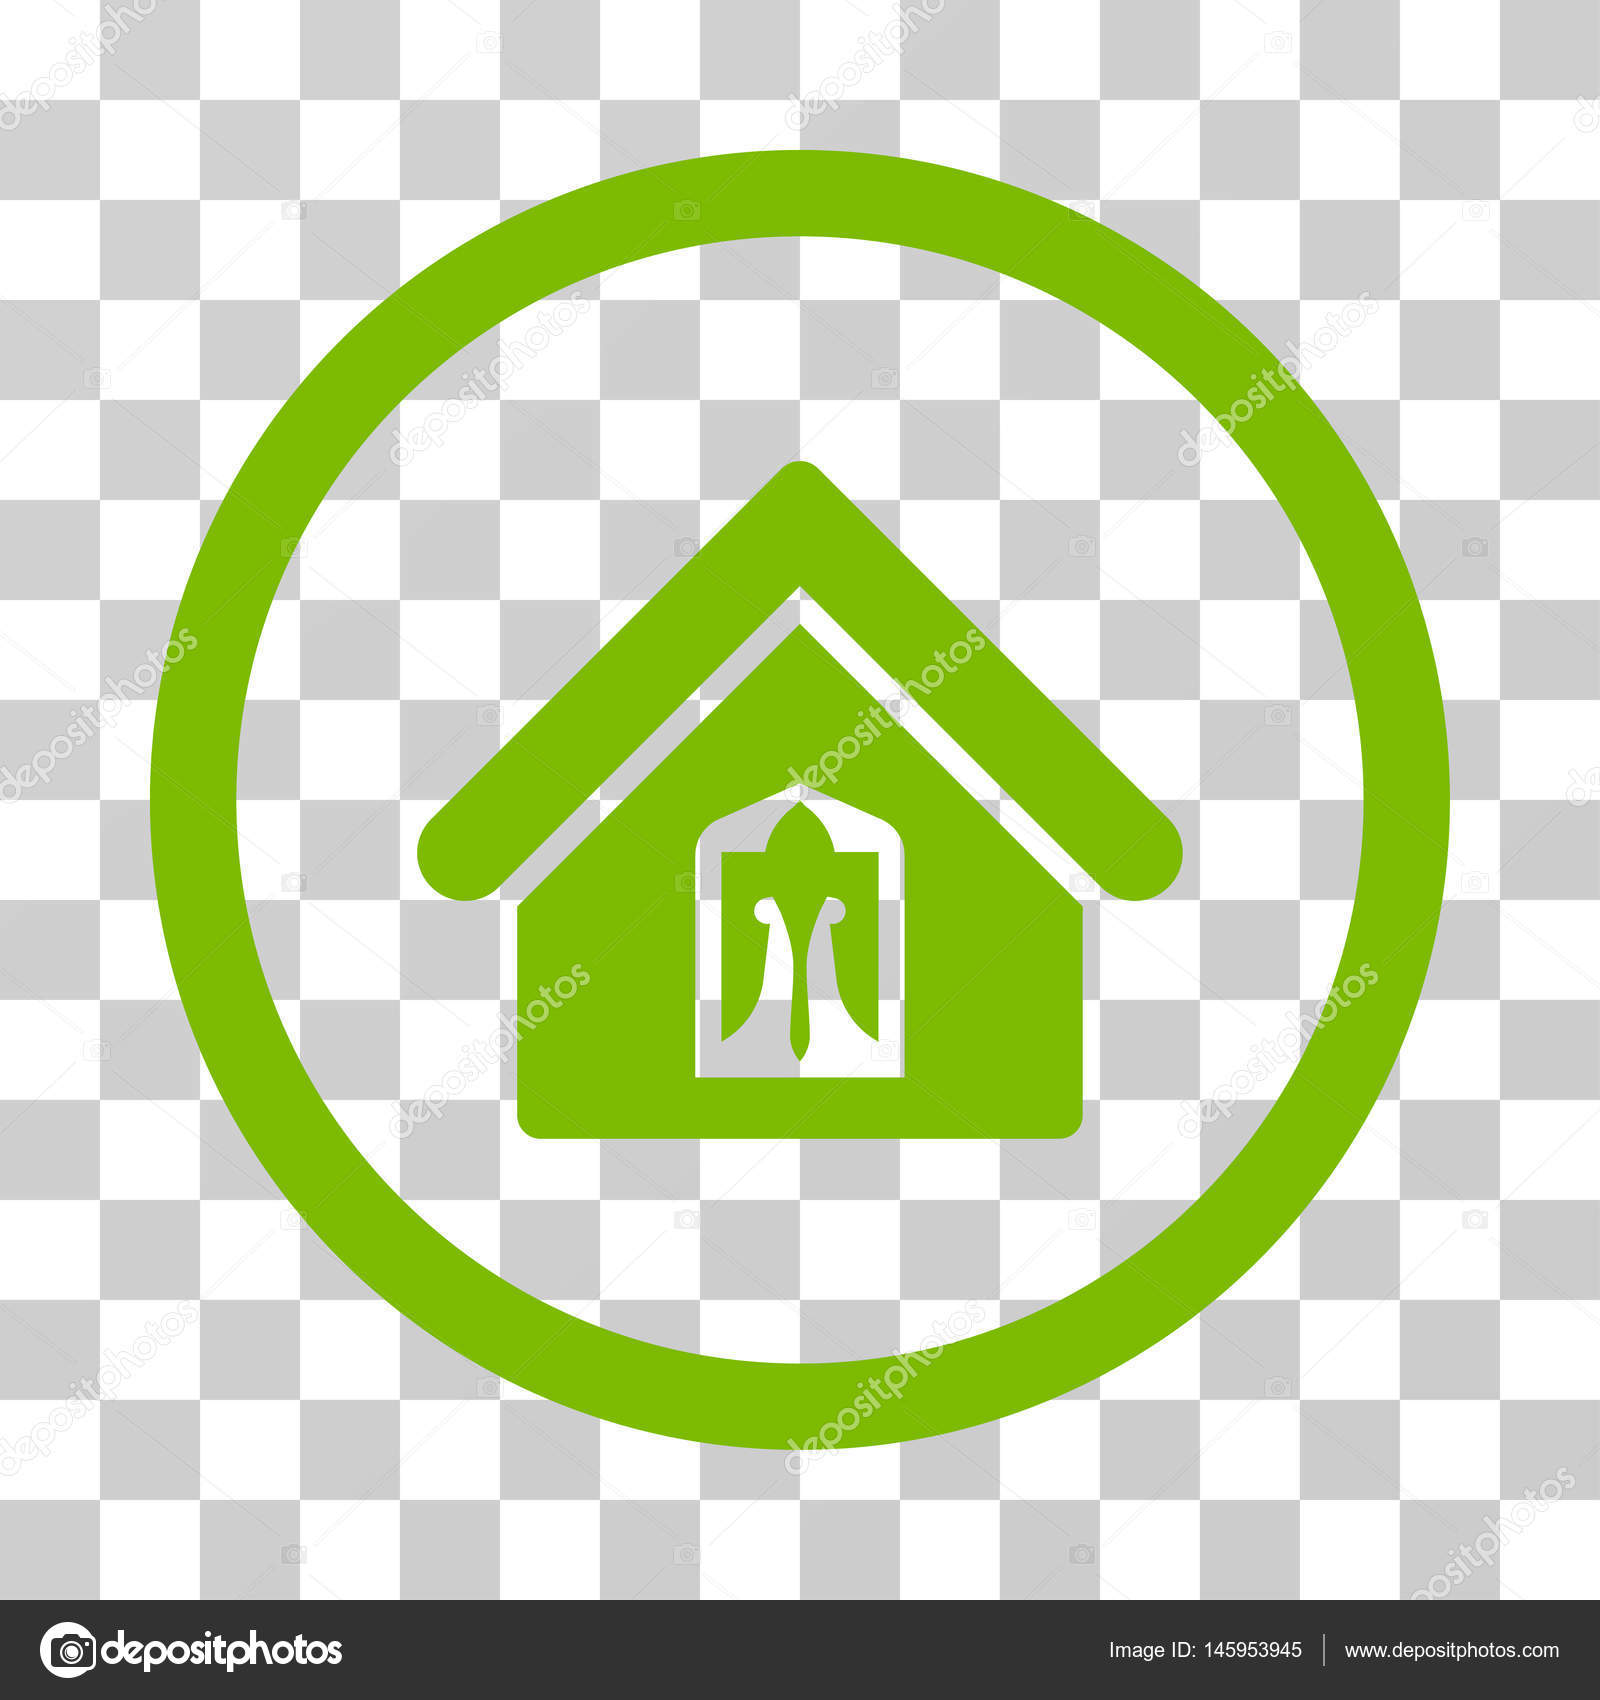 主页图标.矢量插画风格是平标志性符号, 生态绿色颜色, 透明背景.